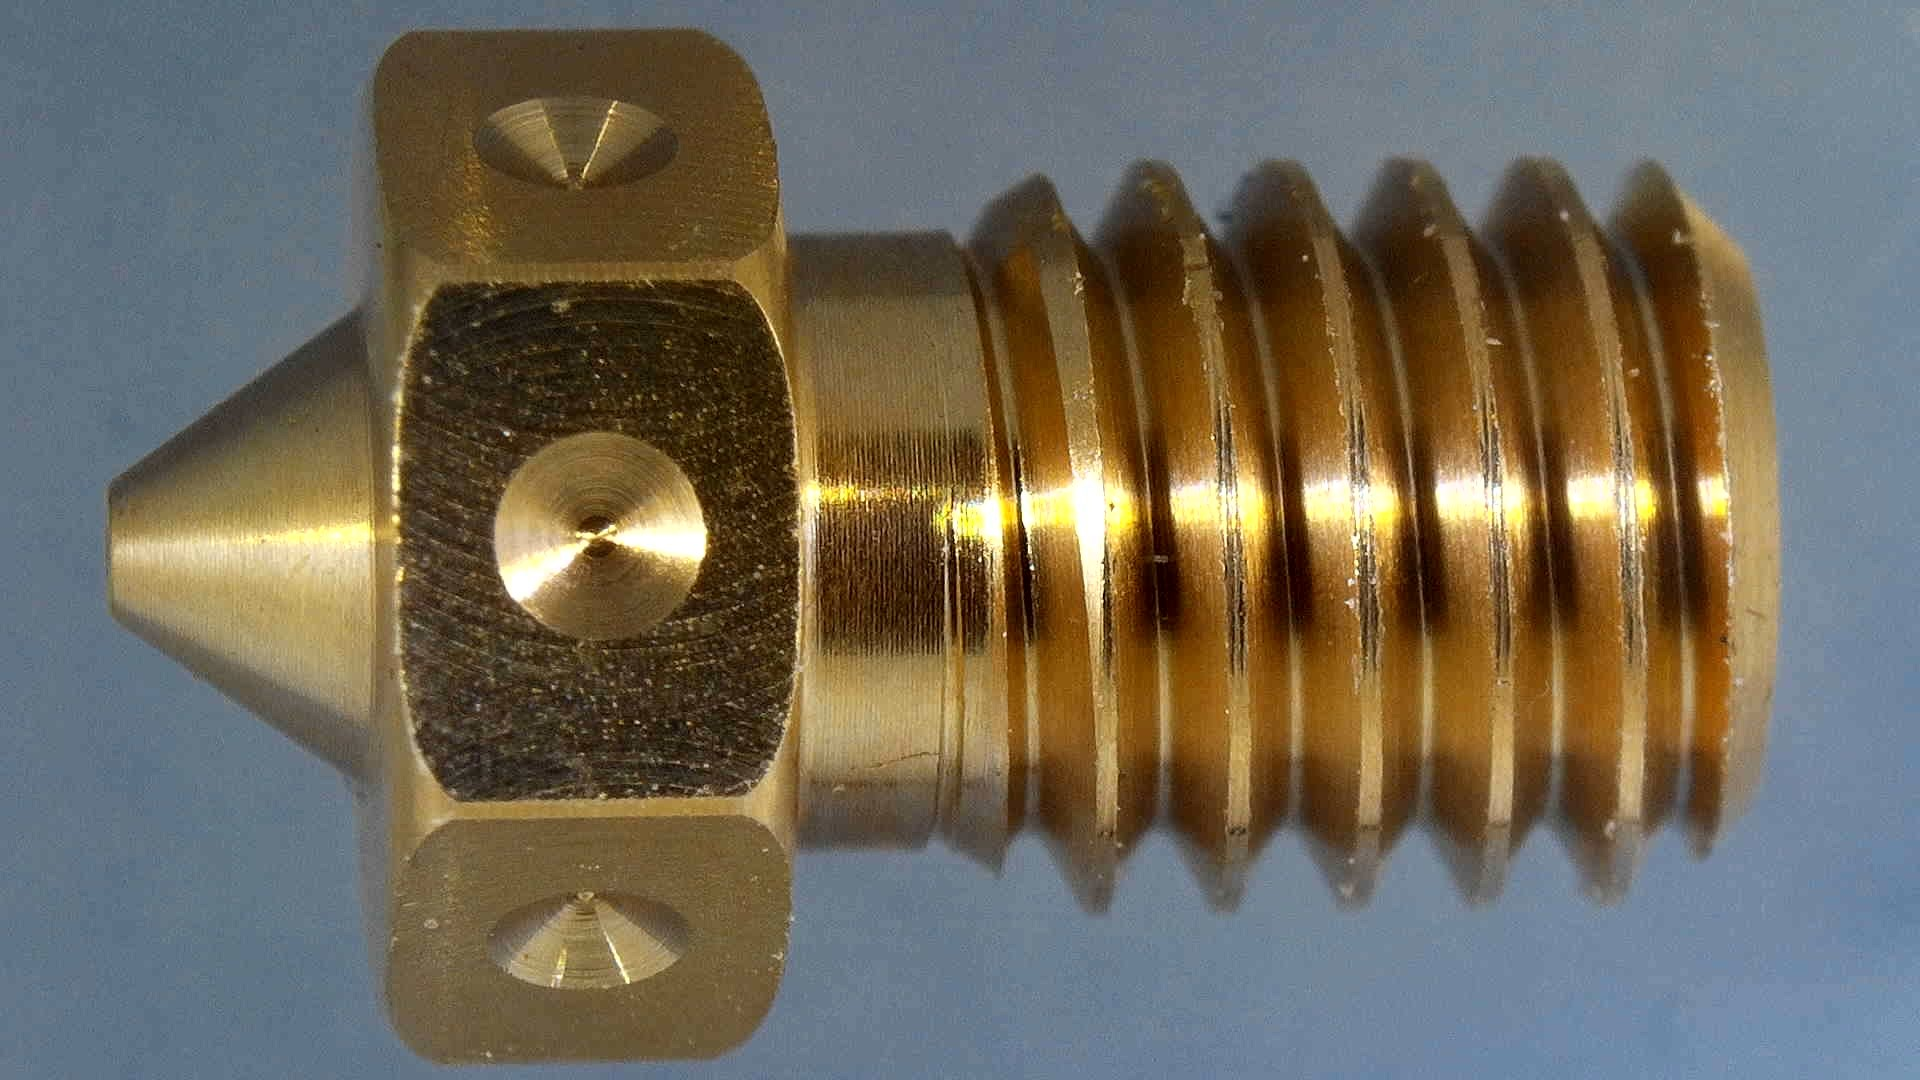 V6-Brass-0.4-E3D-Nozzle-1